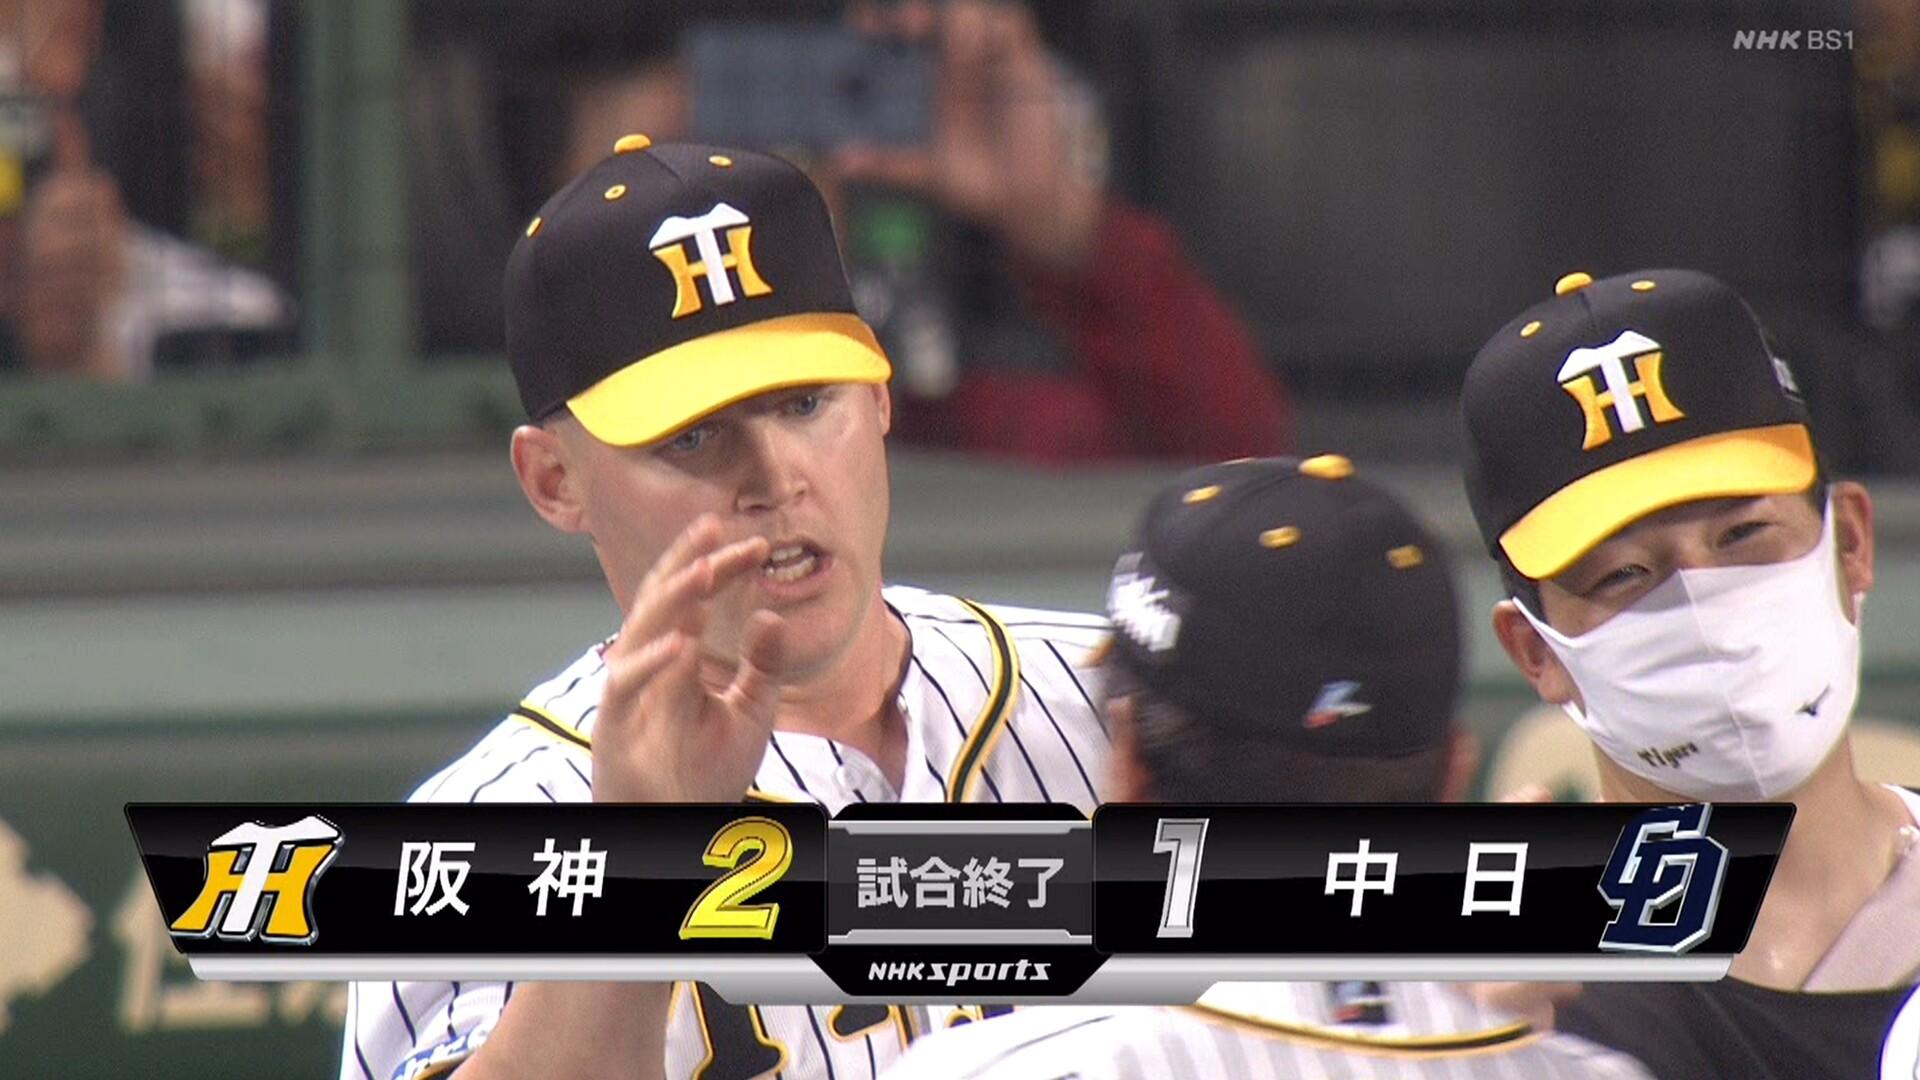 阪神、強すぎる… 効率の良い攻撃で逆転勝利、貯金15